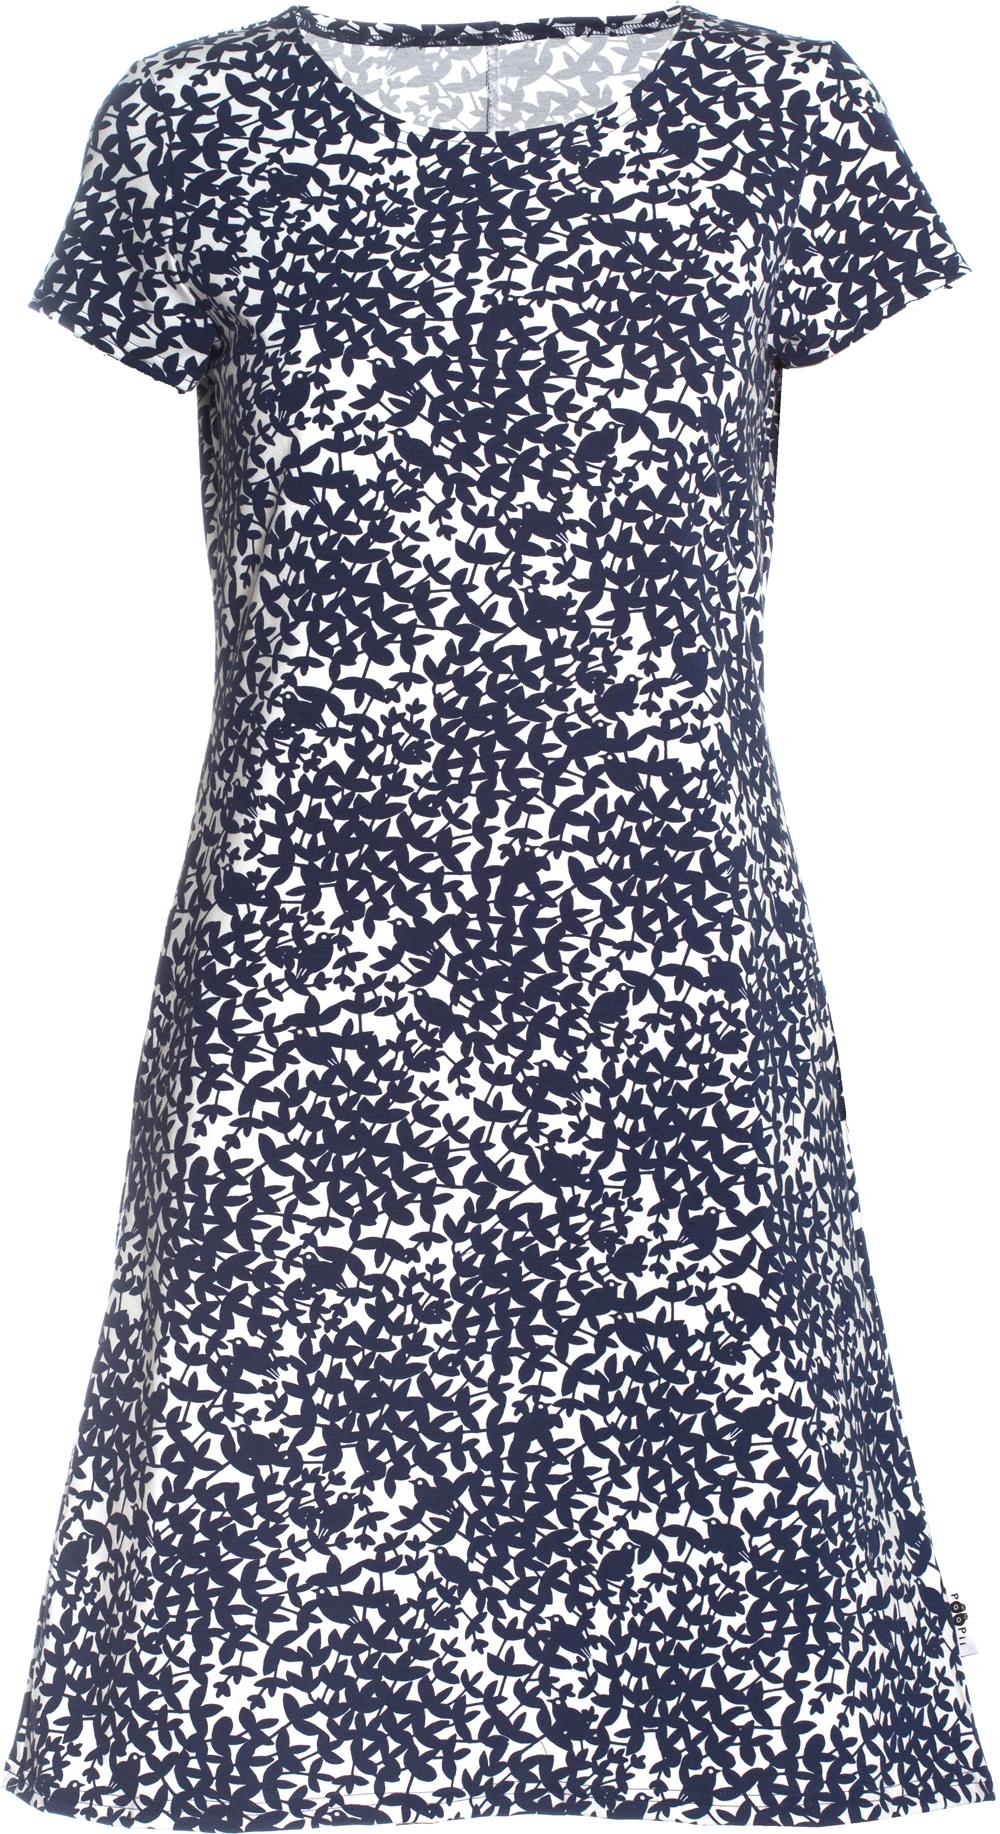 PaaPii Design: Sointu-mekko Satakieli-kuosilla